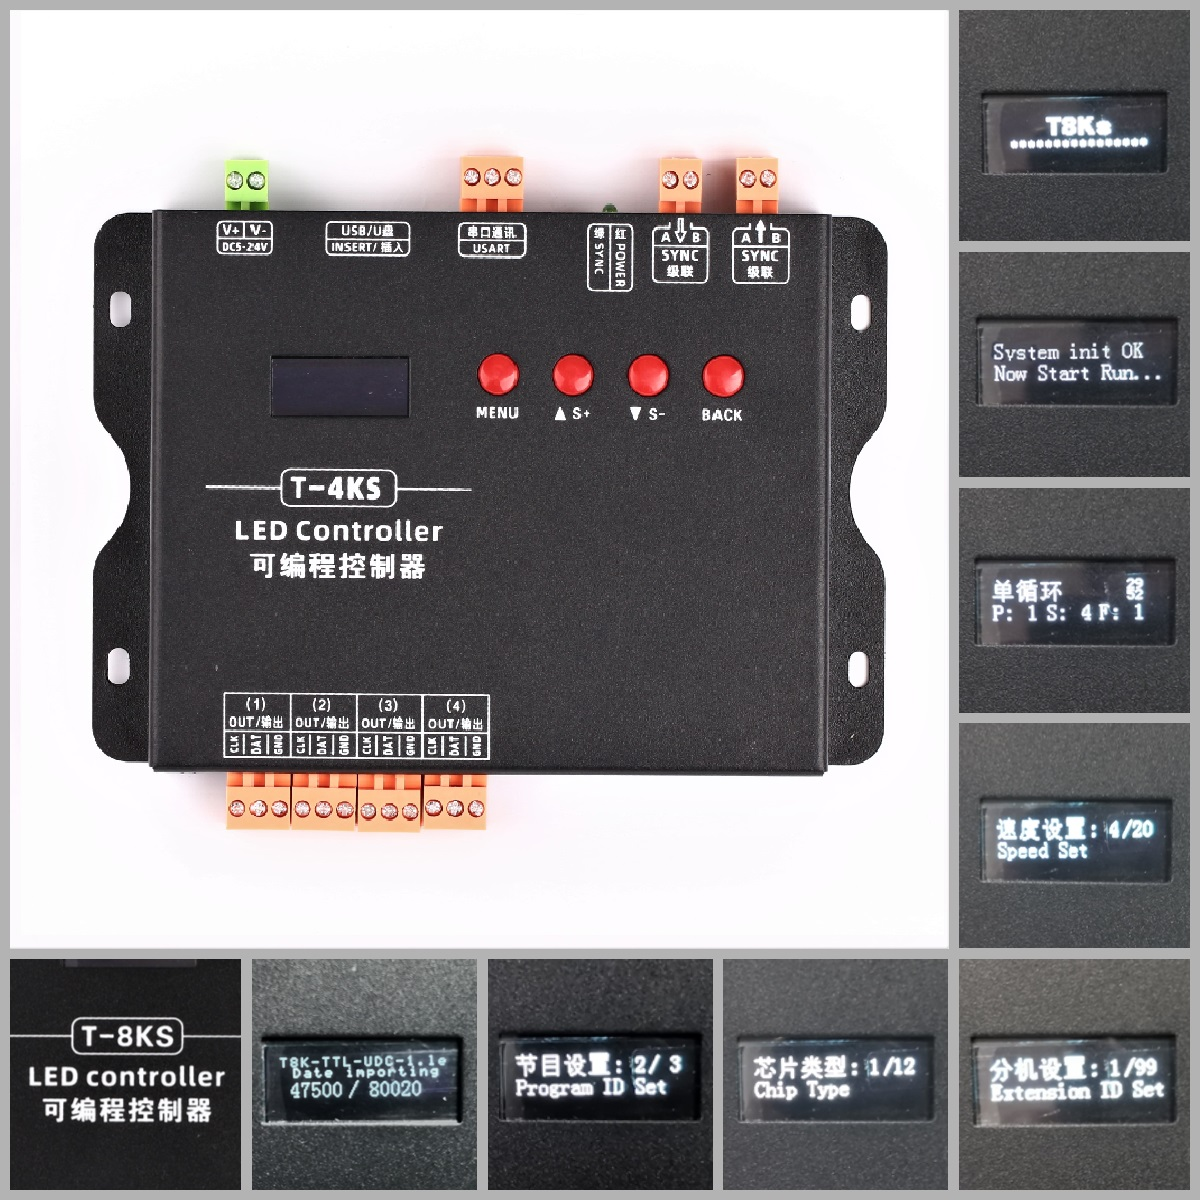 T4Ks(4口 LED可编程控制器)ballbet贝博靠谱吗-贝博-ballbet靠谱吗V1.0